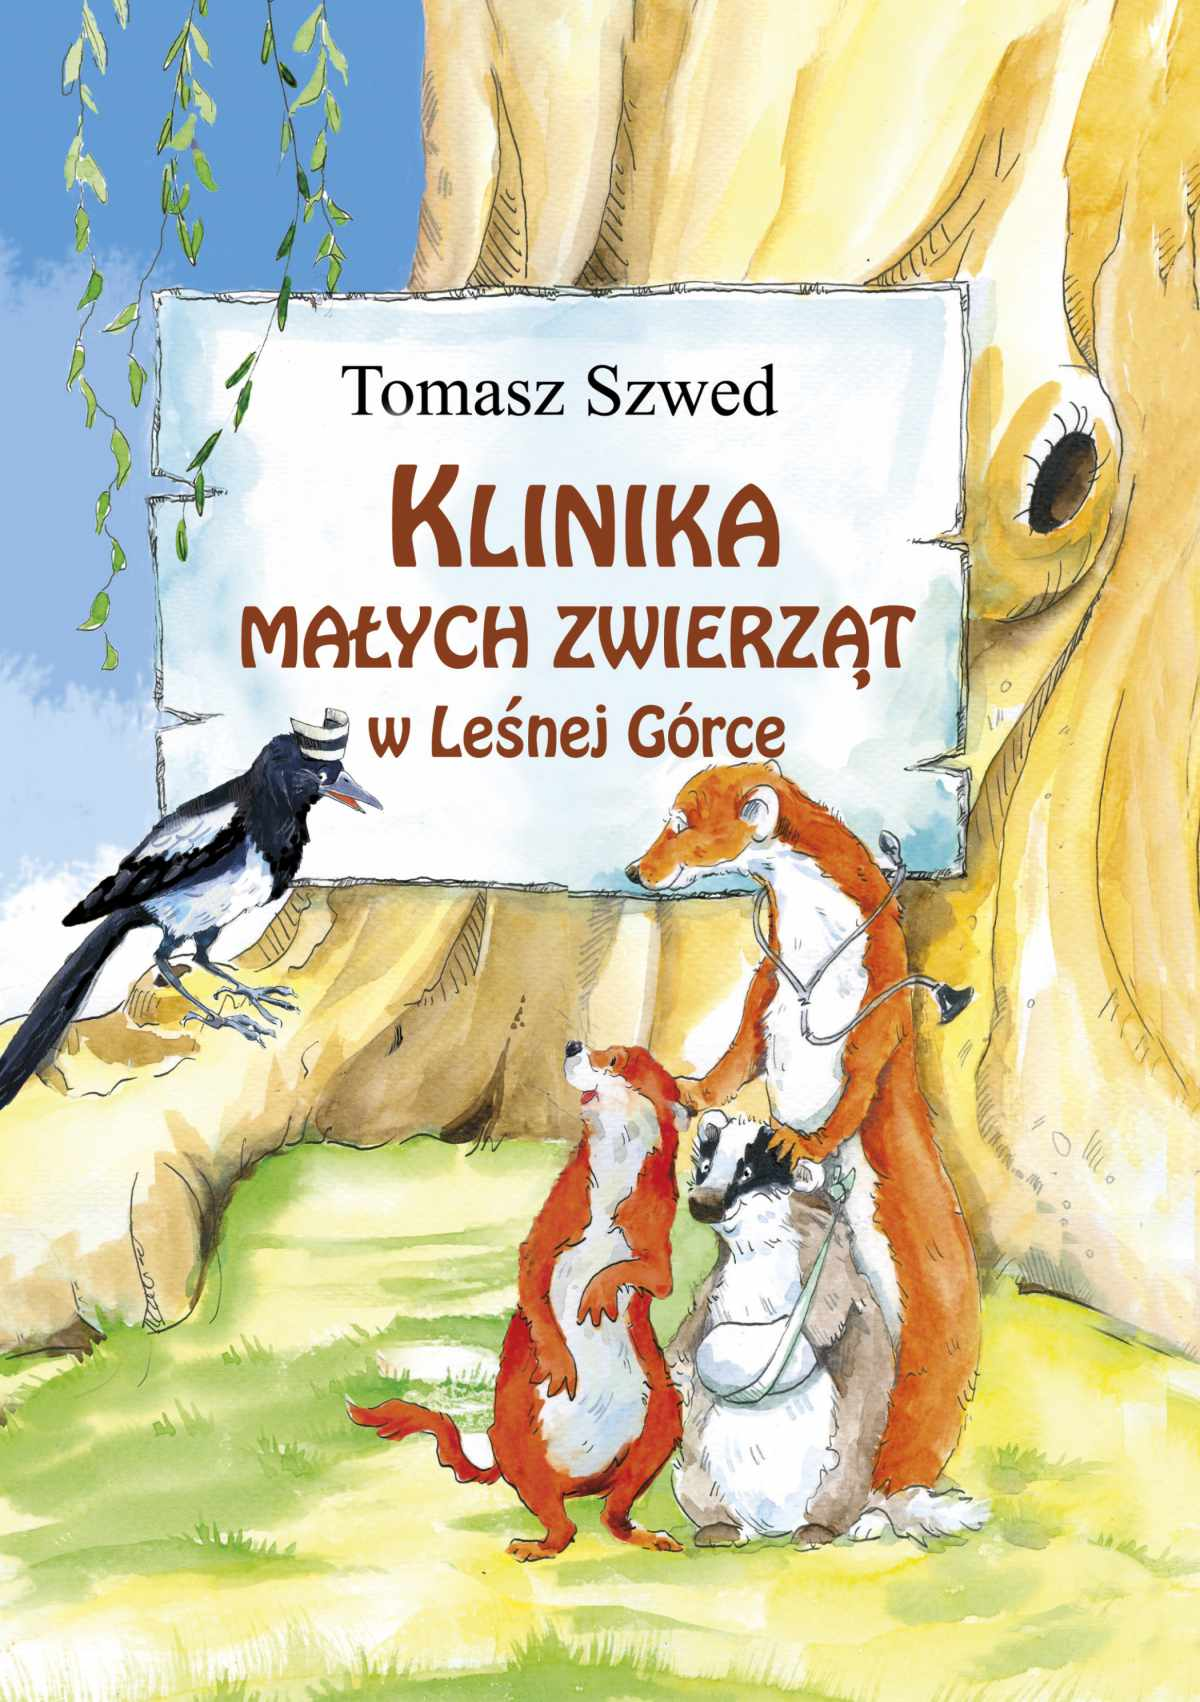 Klinika Małych Zwierząt w Leśnej Górce - Ebook (Książka na Kindle) do pobrania w formacie MOBI